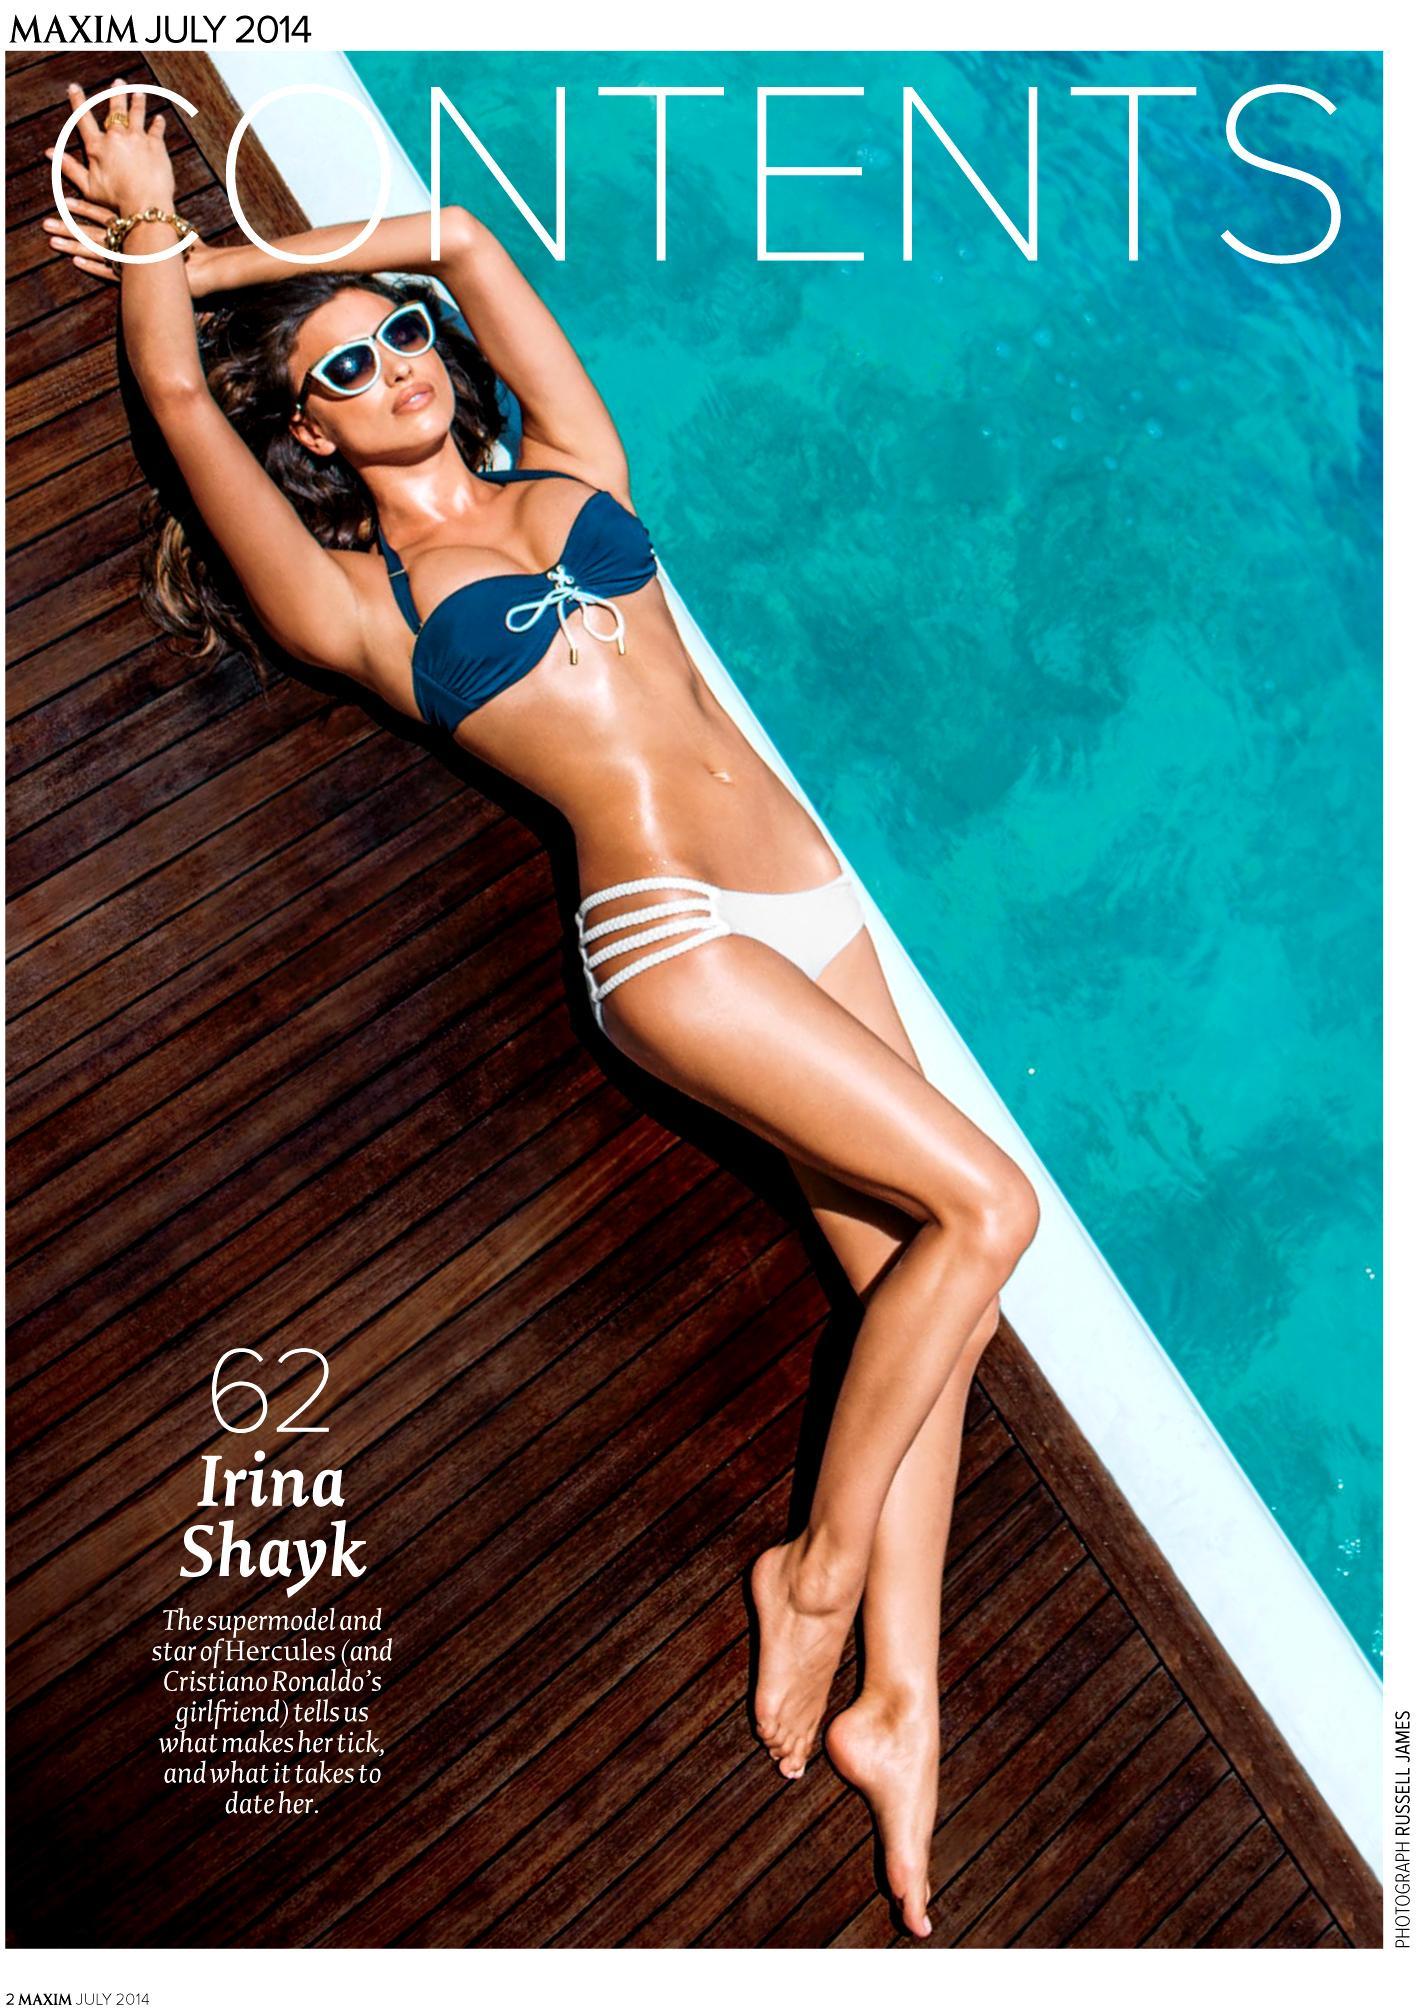 ირინა შეიკი/Irina Shayk - Page 65 0ad04f7da8feb87aff358b86c72636e2